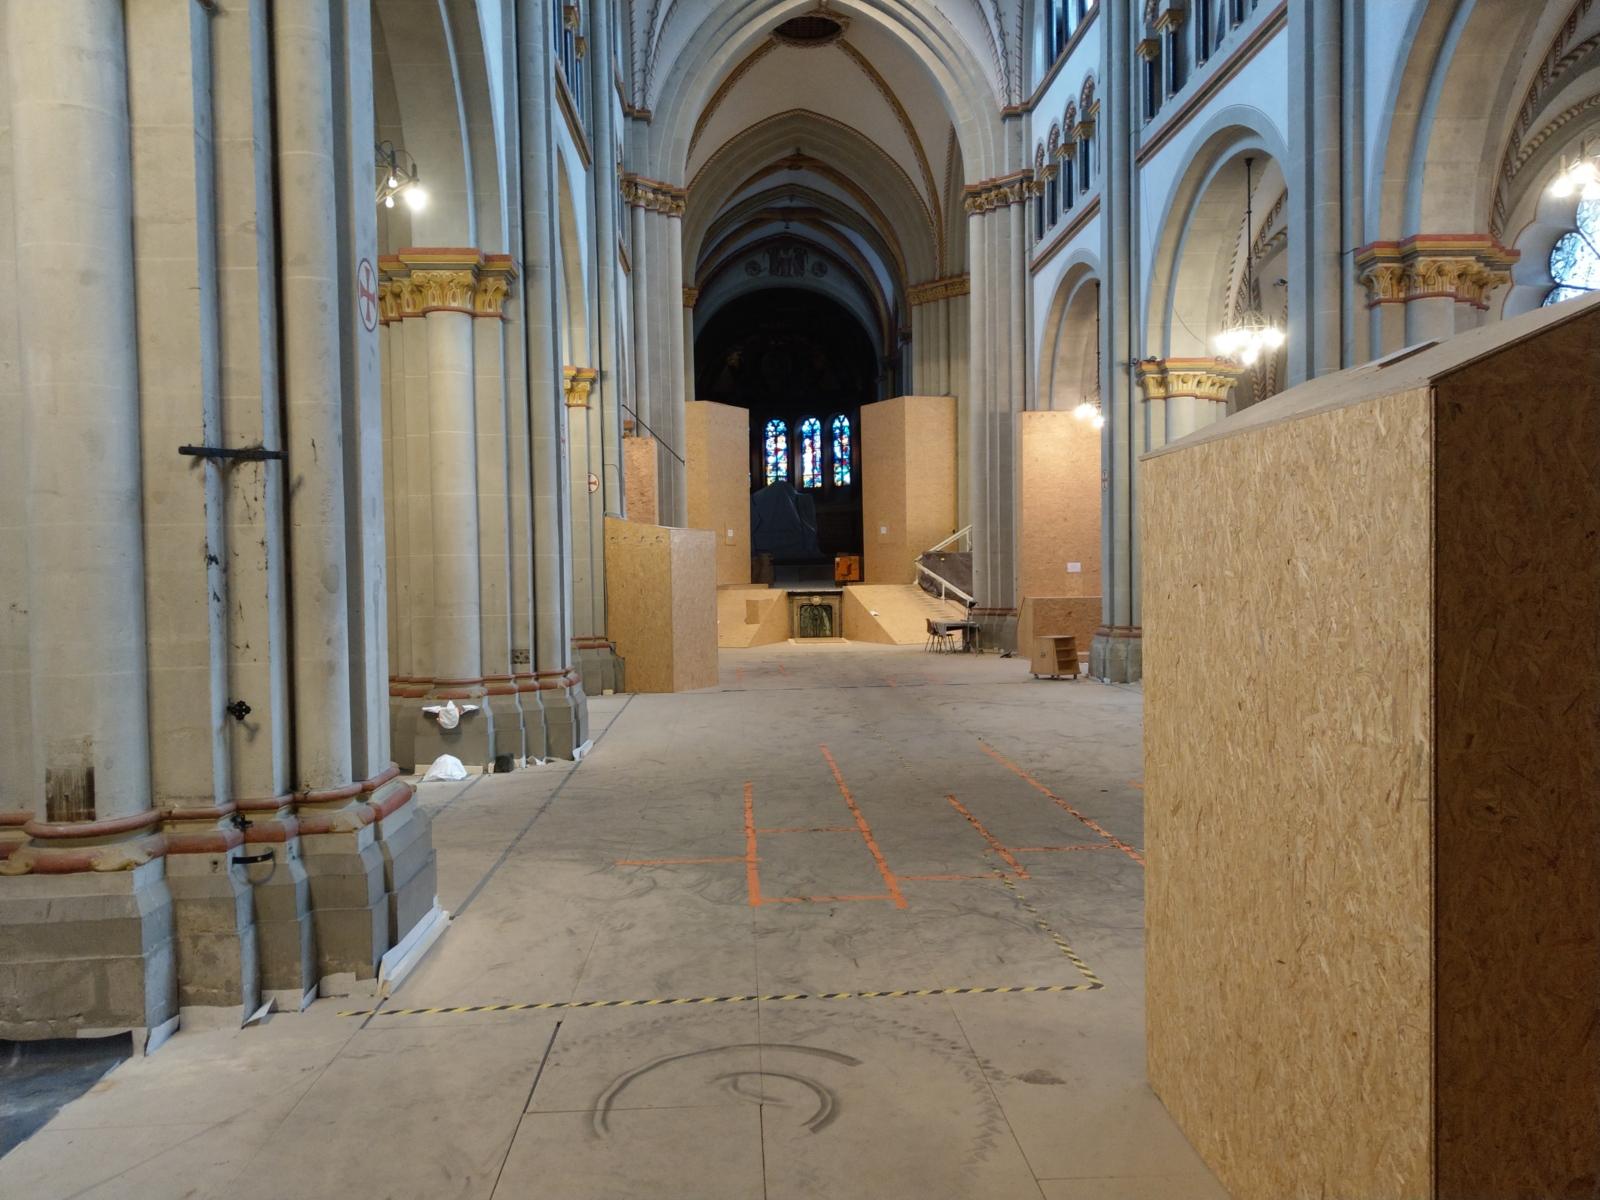 Am Tag des offenen Denkmals das geschlossene Bonner Münster entdecken